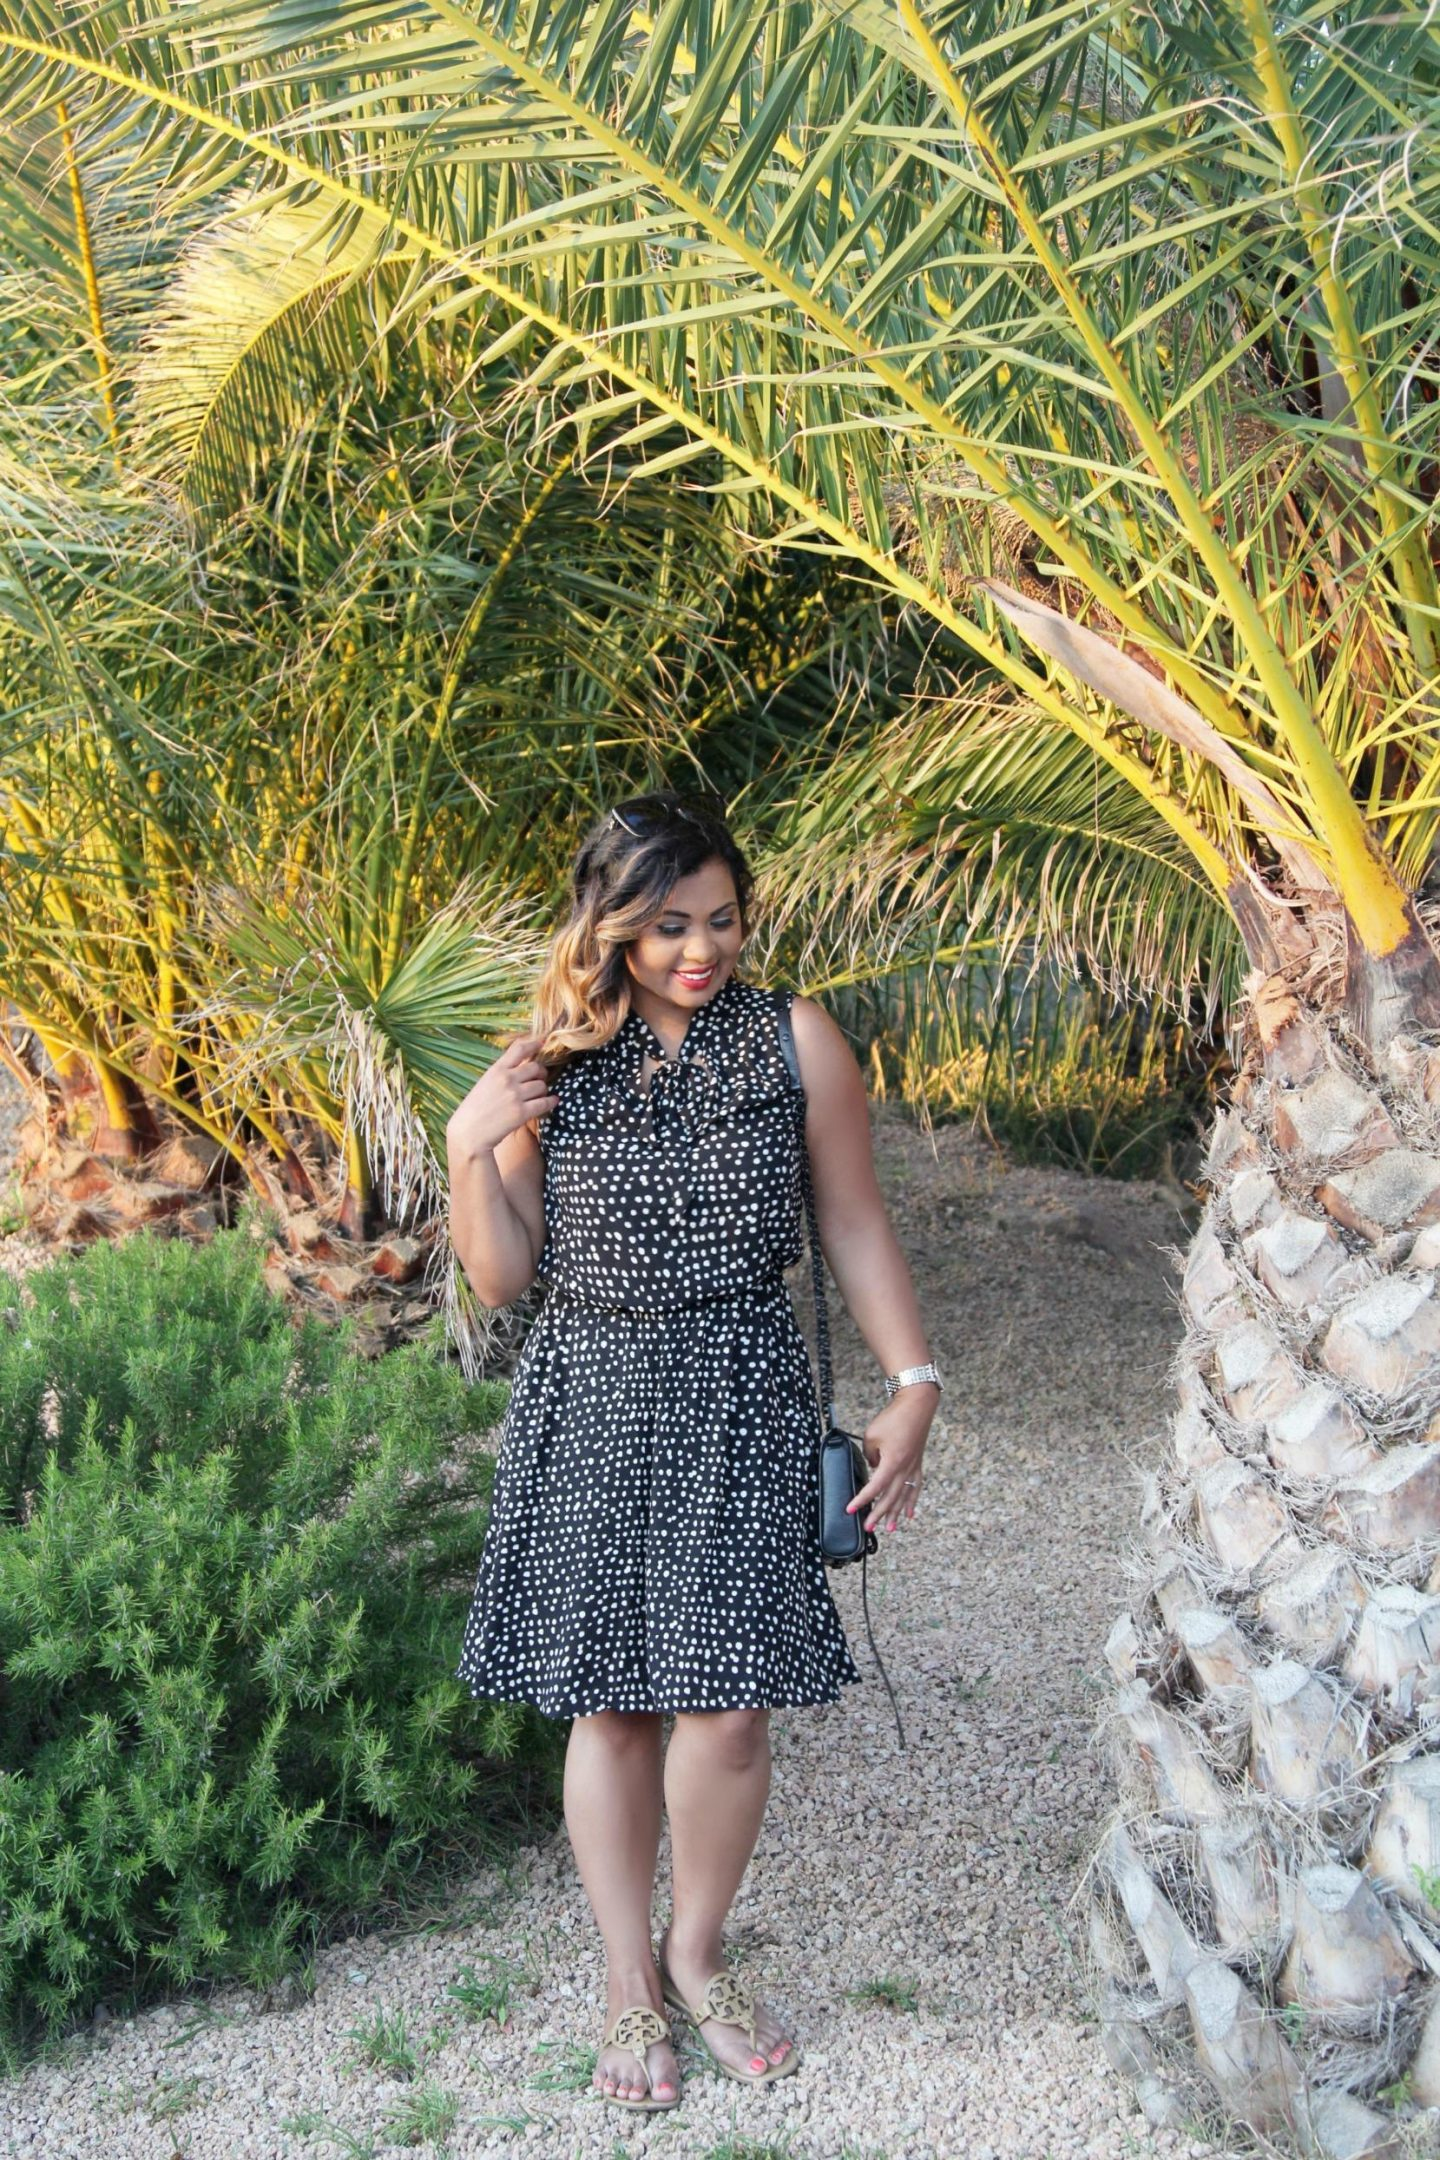 I Miss Summer – Final Summer Dress Outfit